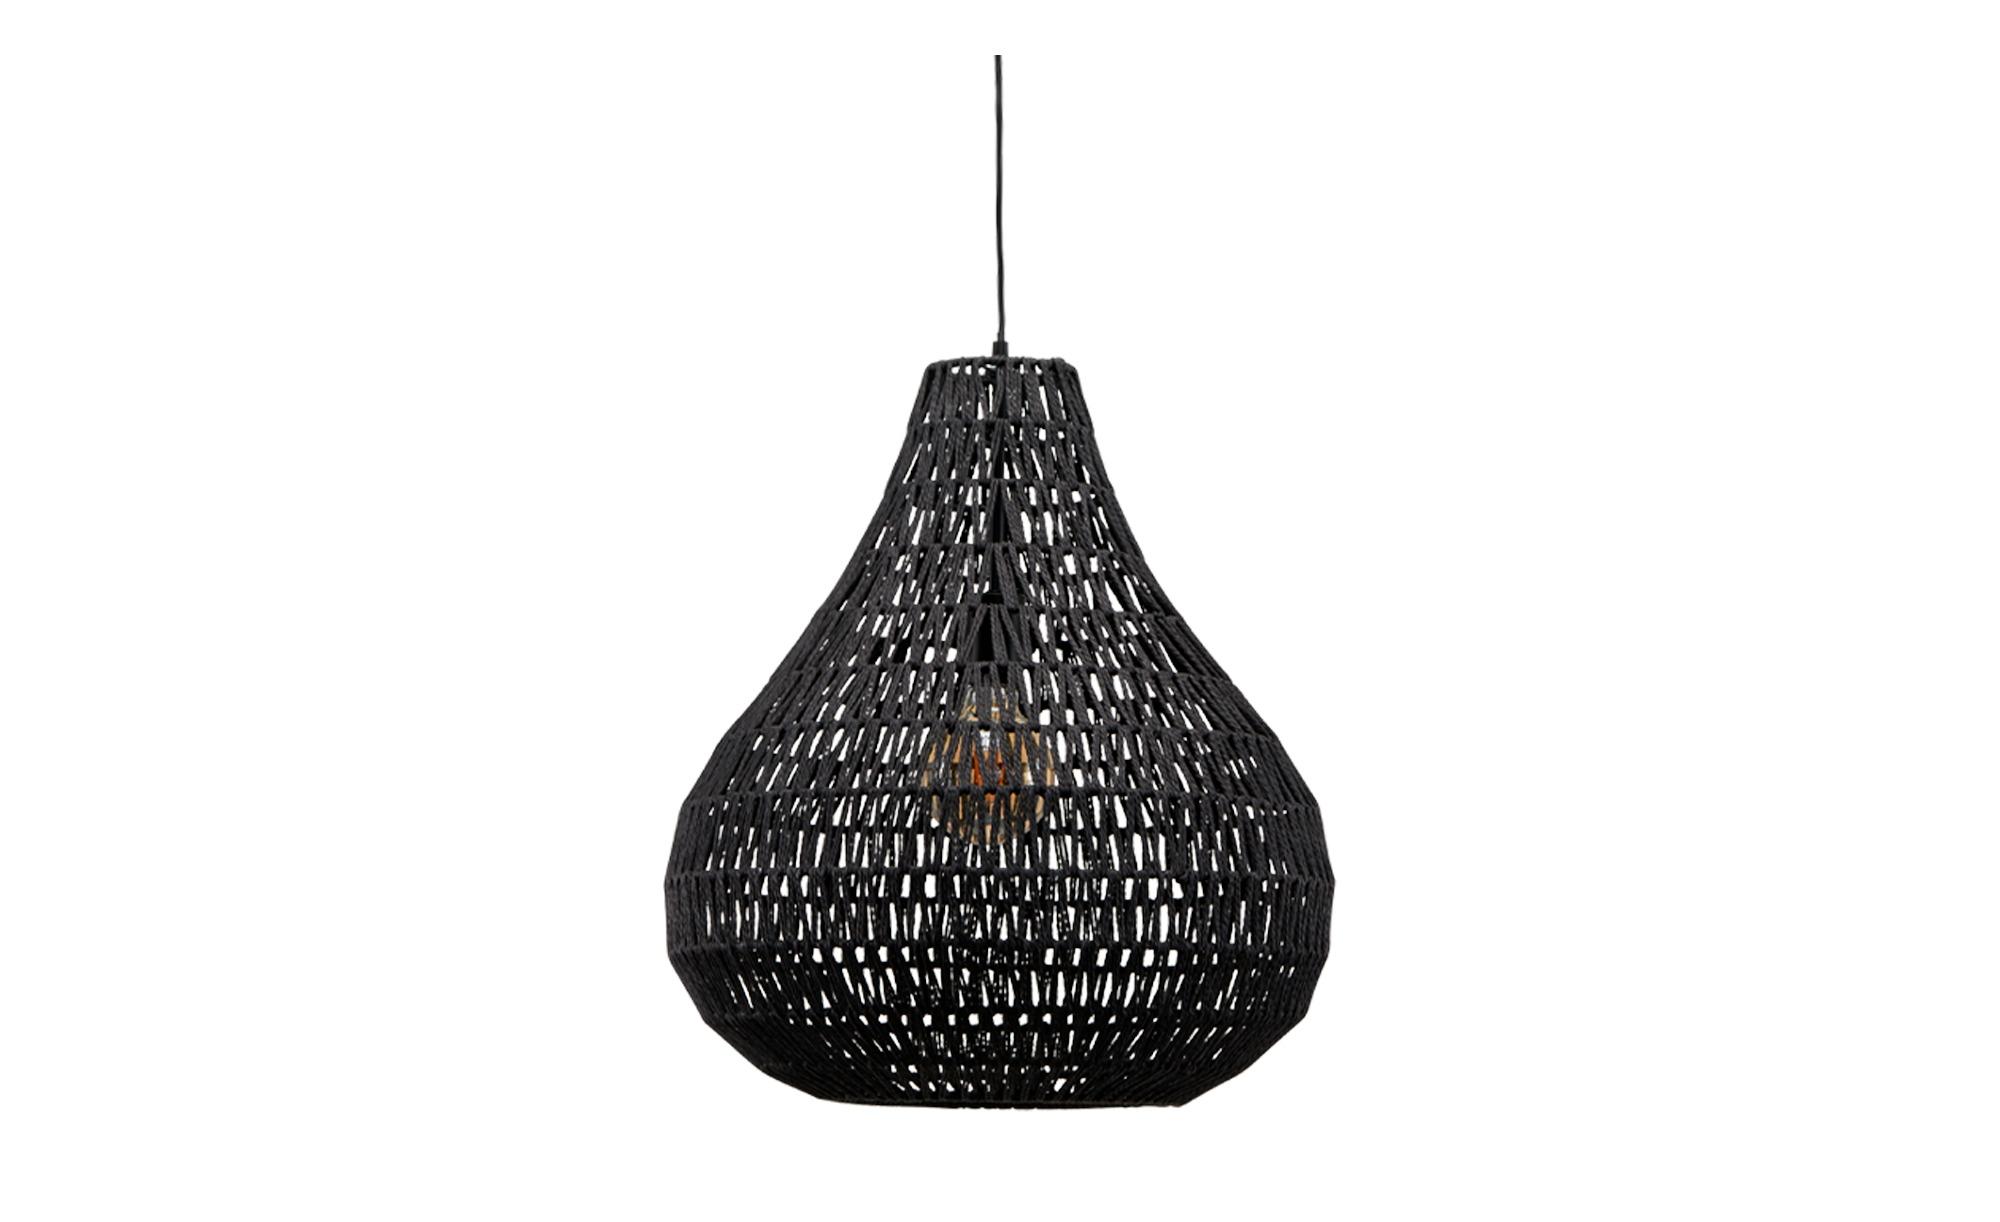 KHG Rattan-Pendelleuchte, 1-flammig, schwarz ¦ schwarz ¦ Maße (cm): H: 150 Ø: 45 Lampen & Leuchten > Innenleuchten > Pendelleuchten - Höffner